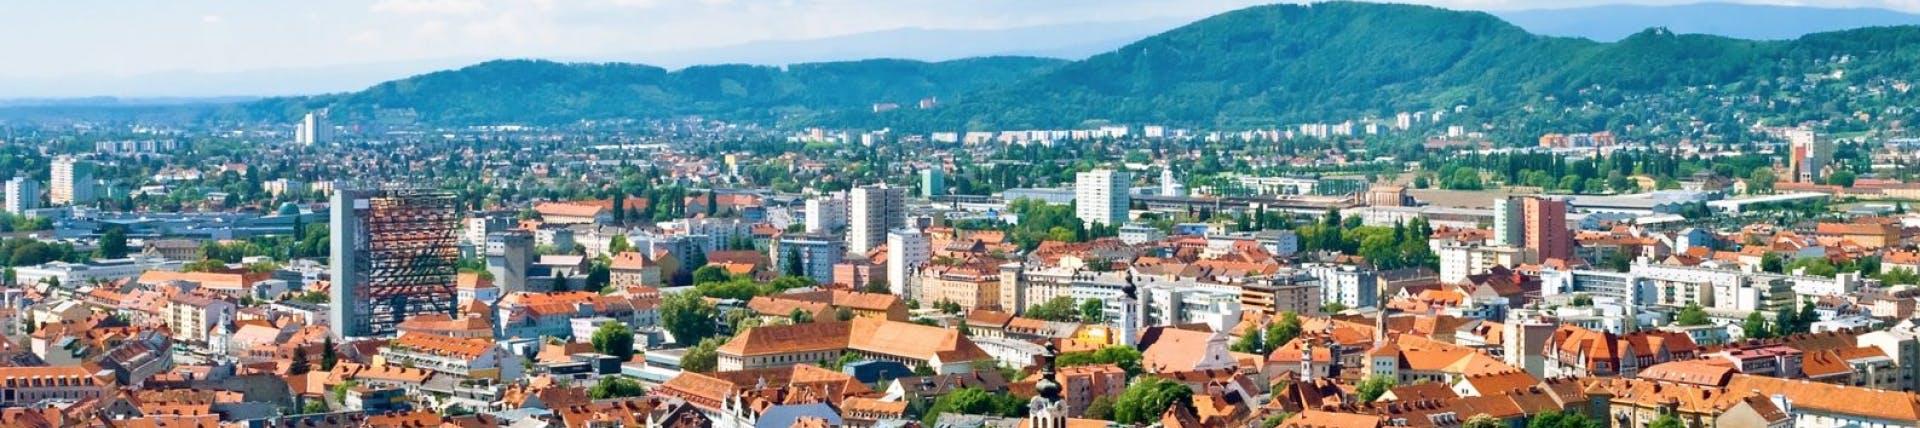 Picture of Graz